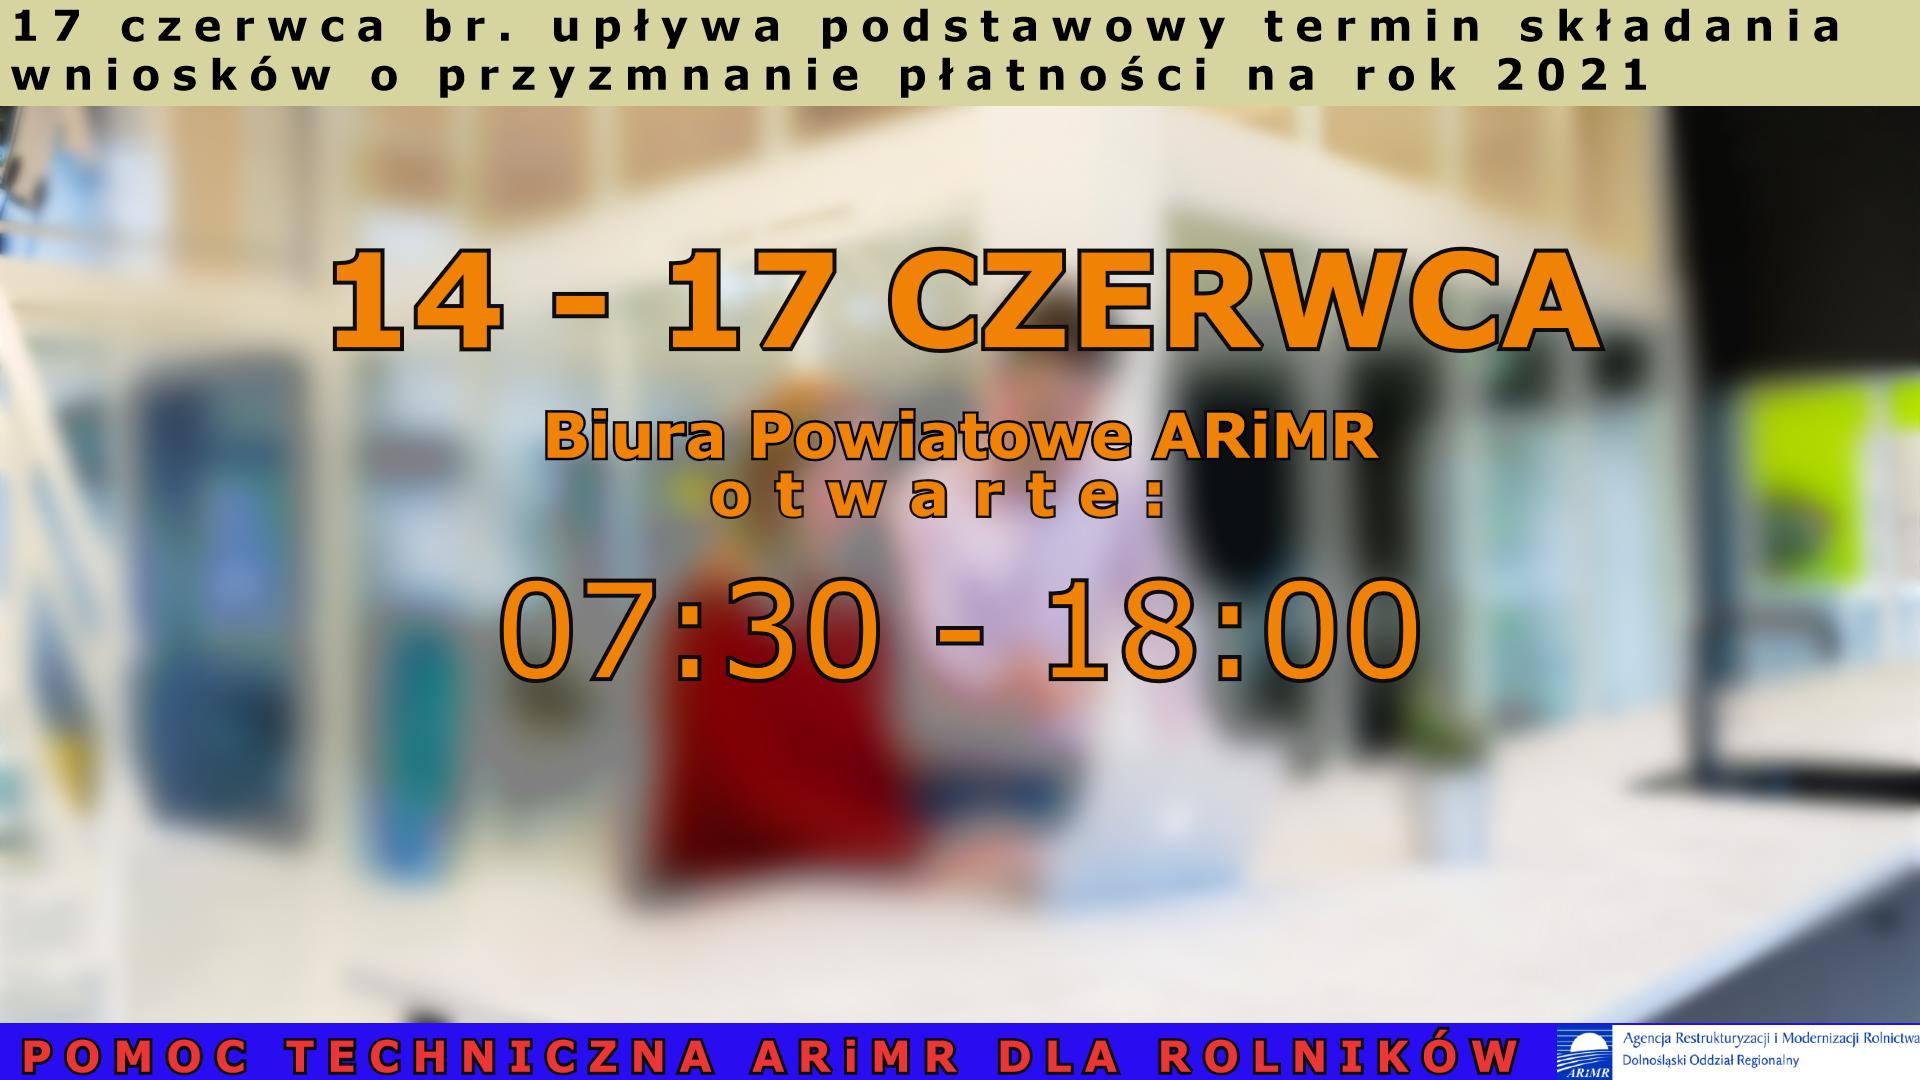 plakat krzyczący że upływa termin składania wniosków o przynanie płatności w dniu 17 czerwca